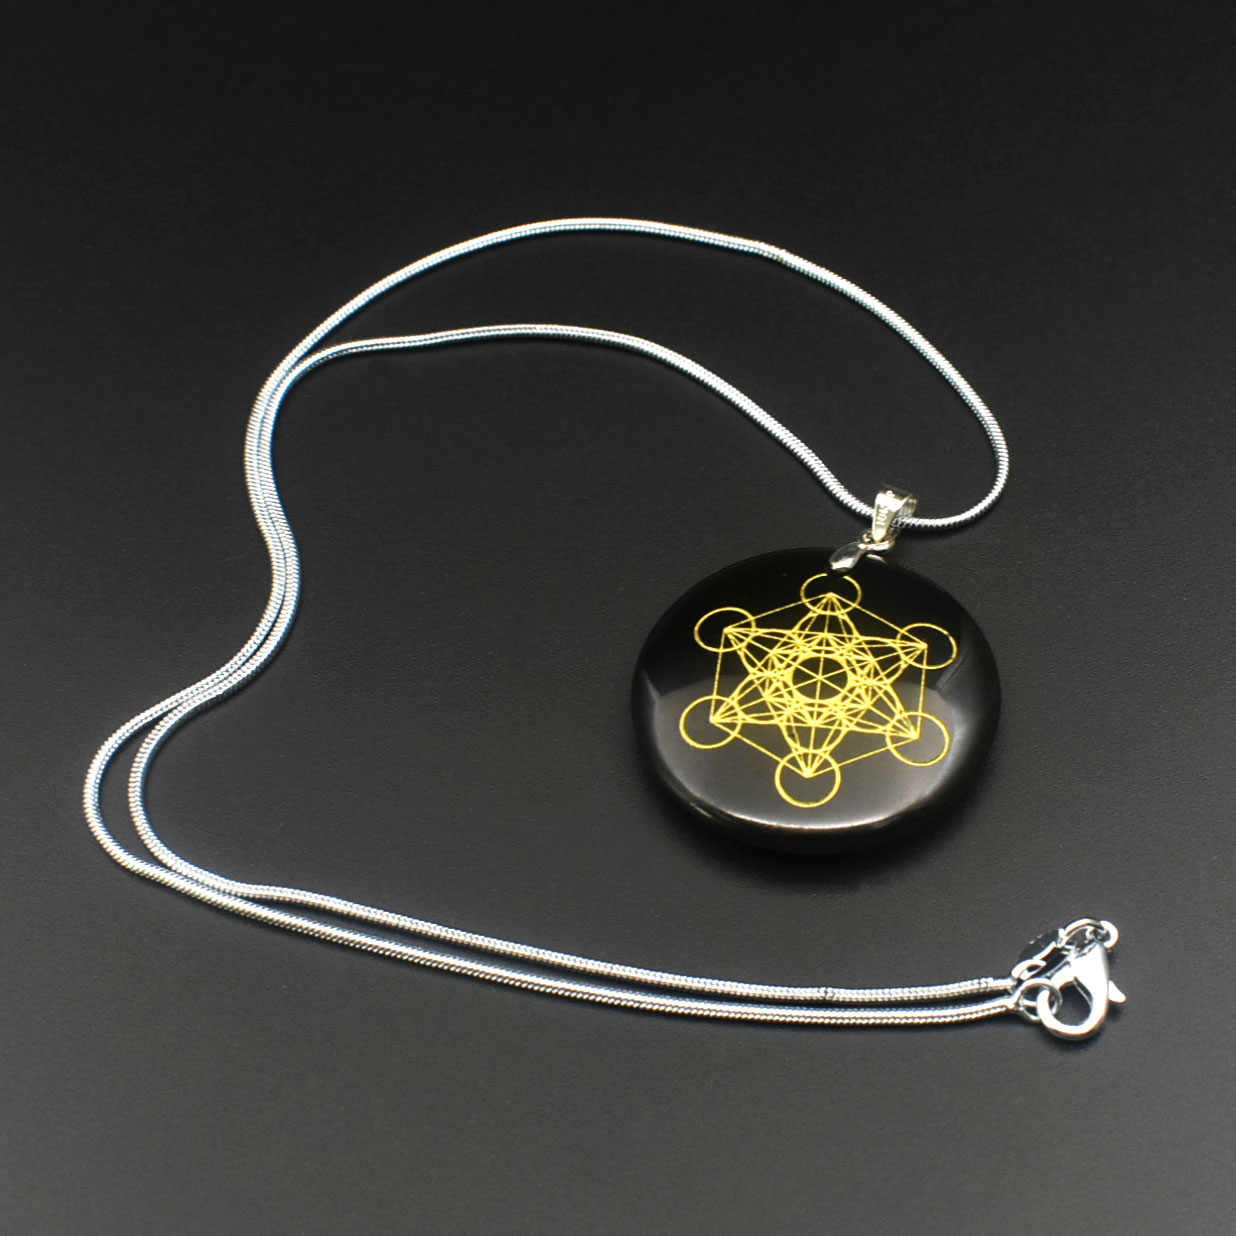 925 高品質天然石クォーツペンダント振り子フラワー · オブ · ライフペンダント 7 チャクラ pendule orgonite ne